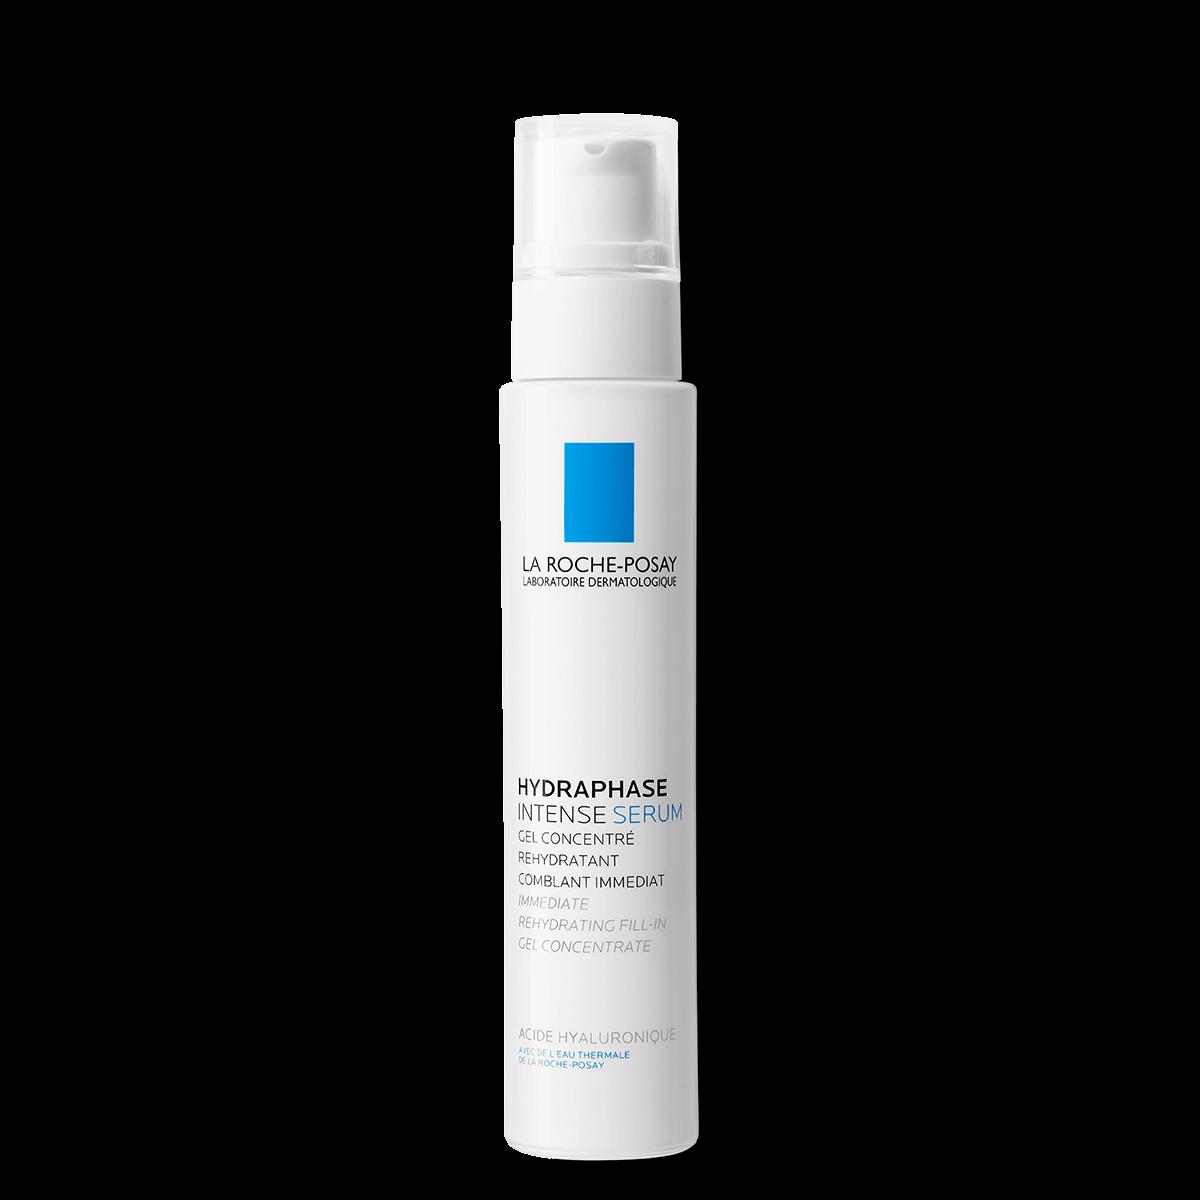 Serum do twarzy HYDRAPHASE INTENSE SERUM 30 ml Przód | La Roche Posay